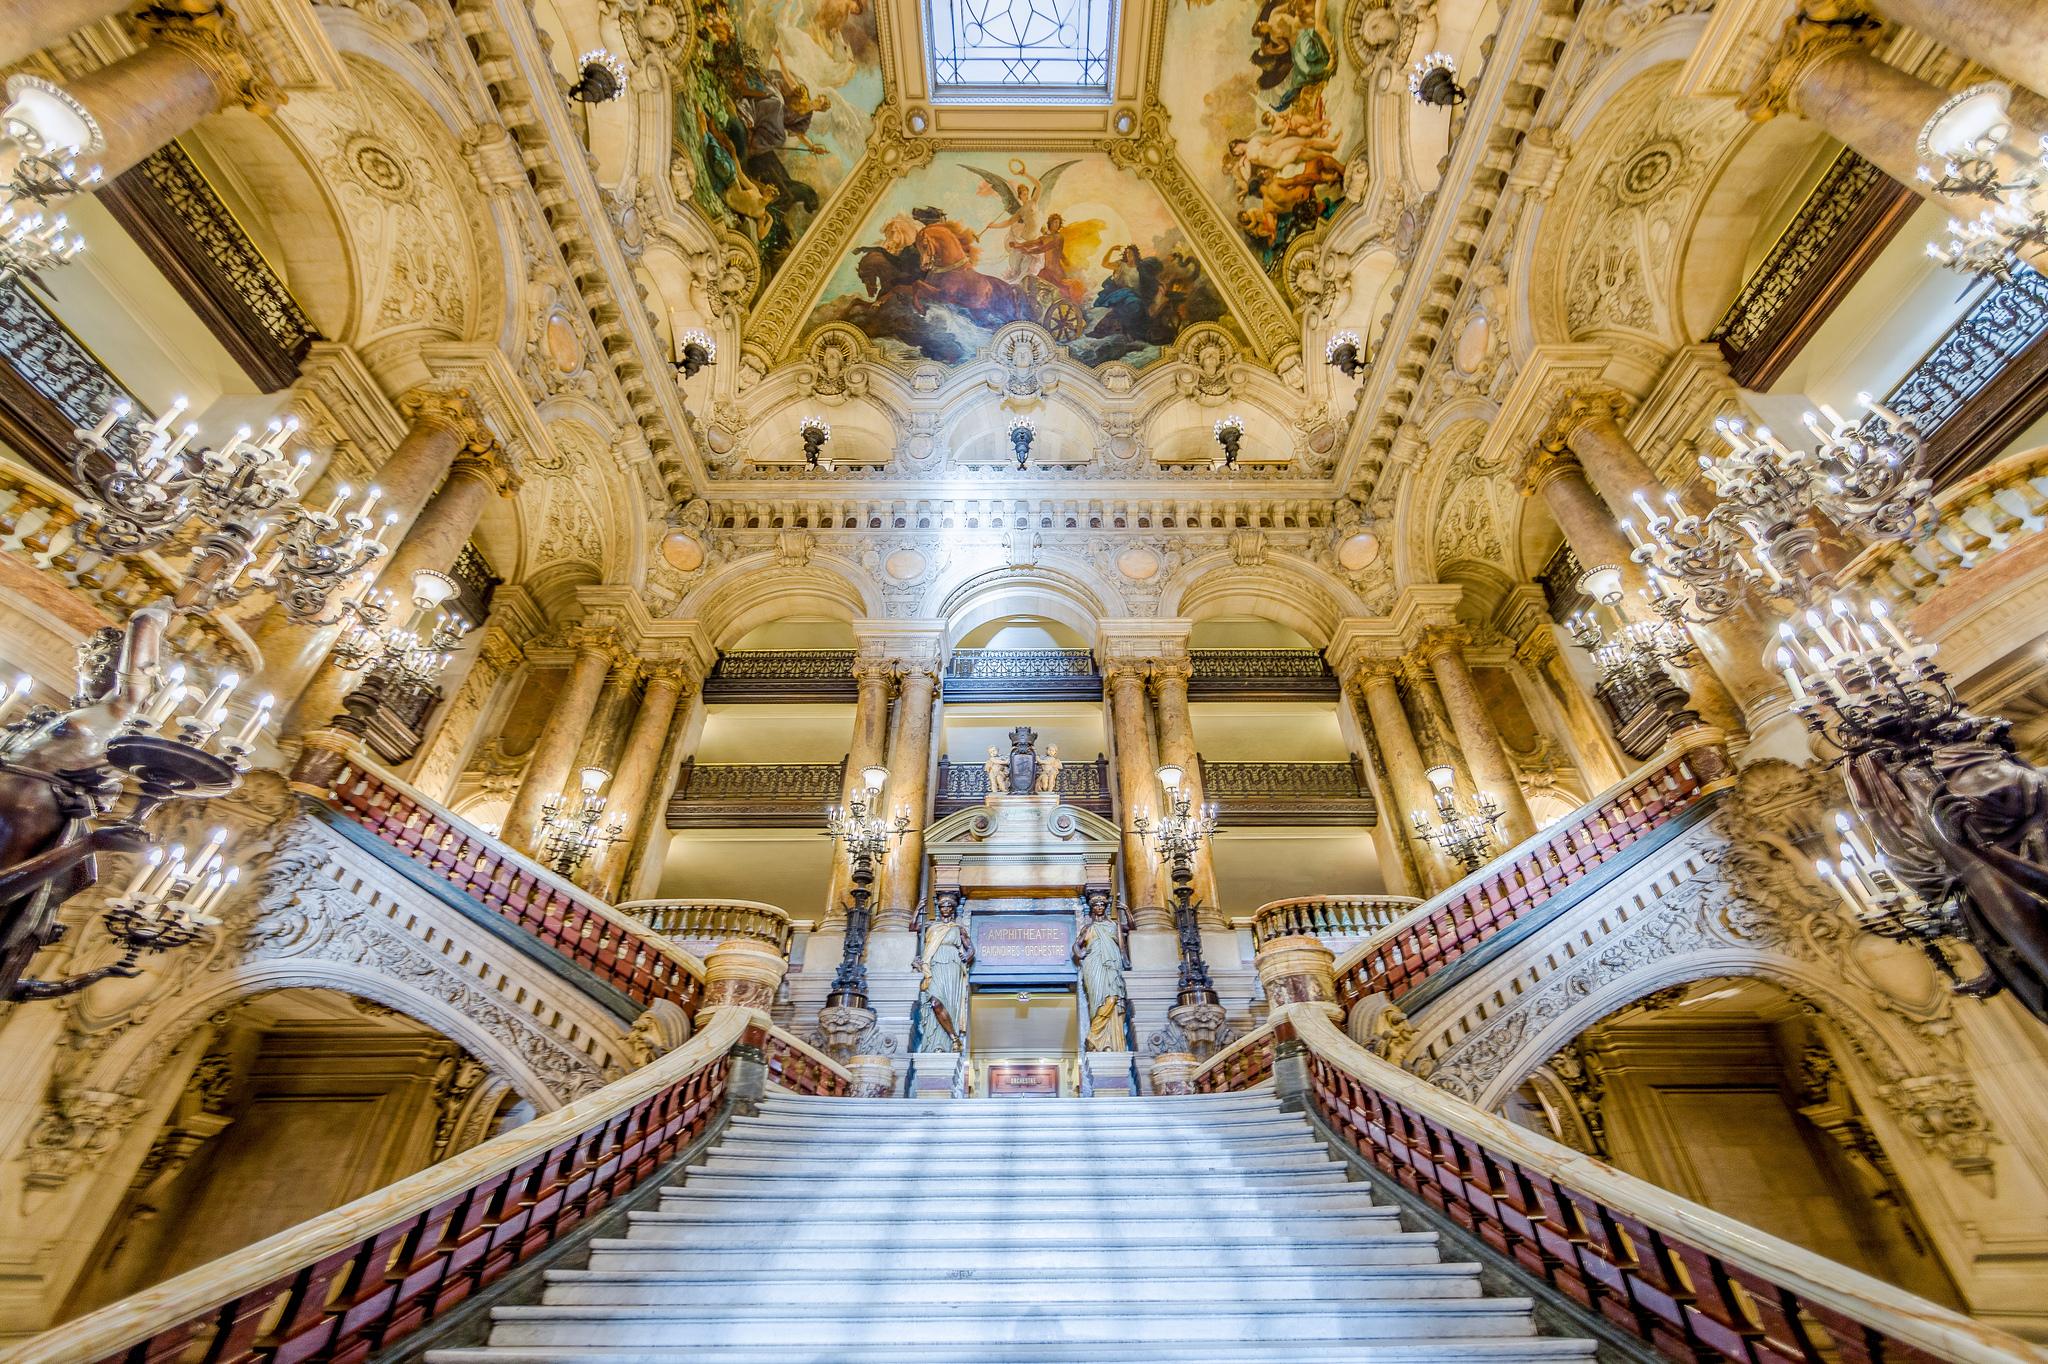 :مصدر الصورة  Chris Chabot https://www.flickr.com/photos/chrischabot/